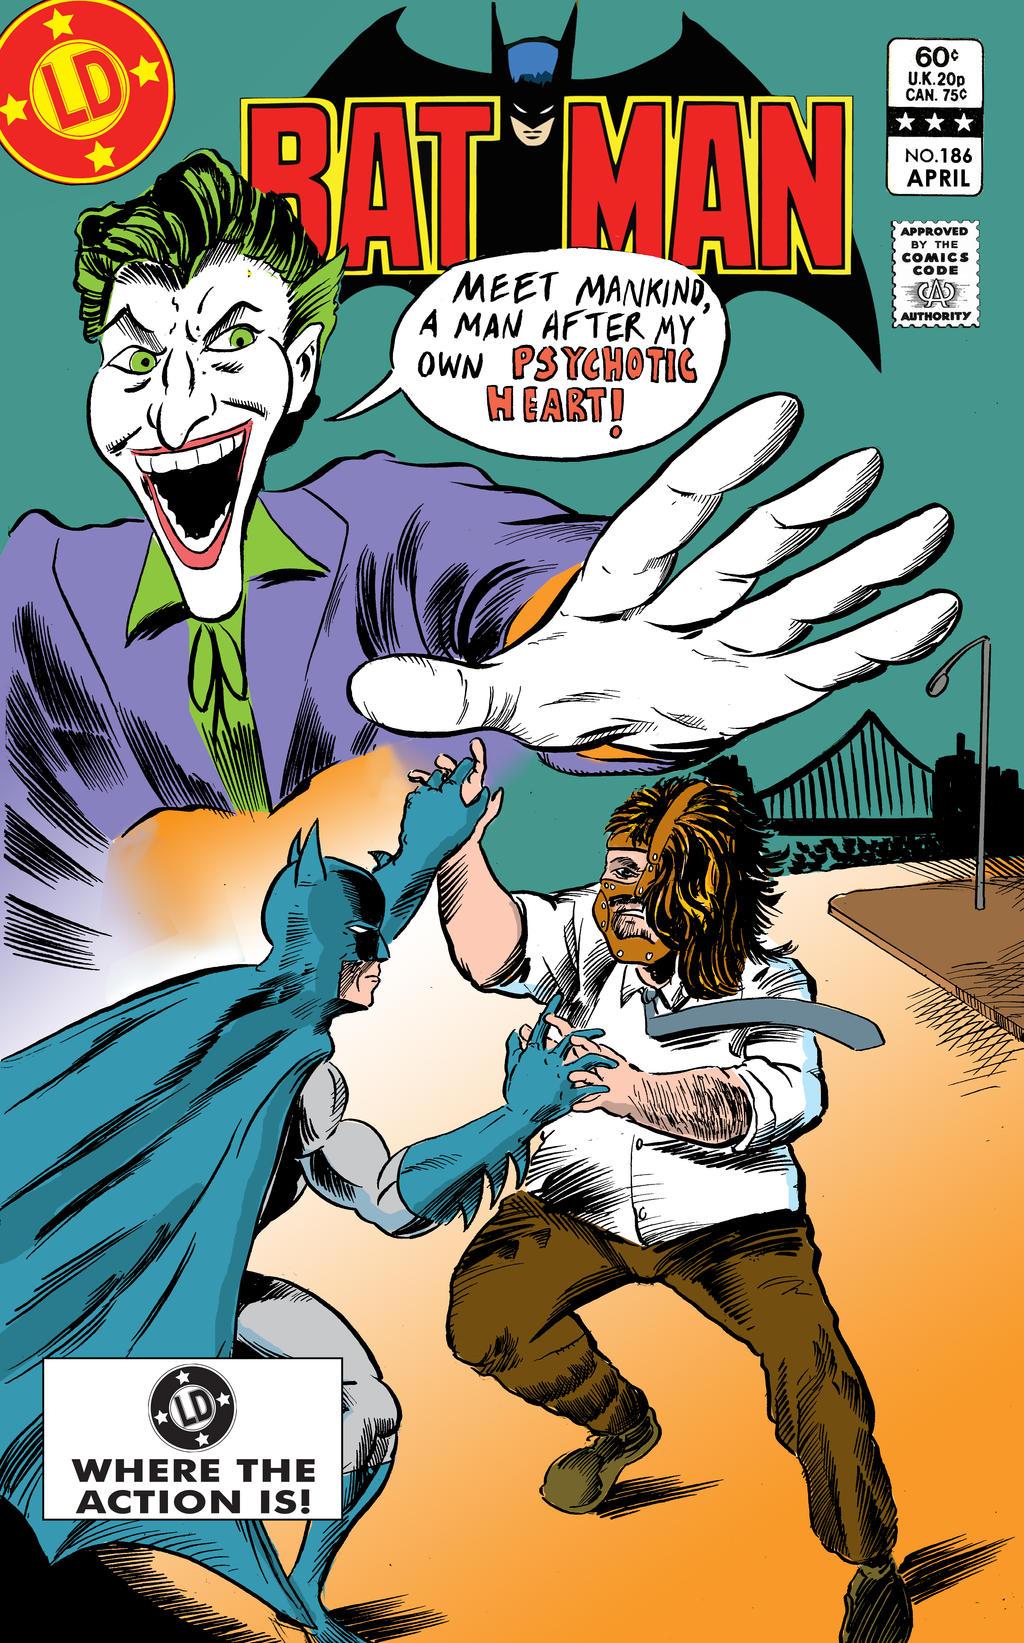 Joker, Kind to Mankind by strawmancomics